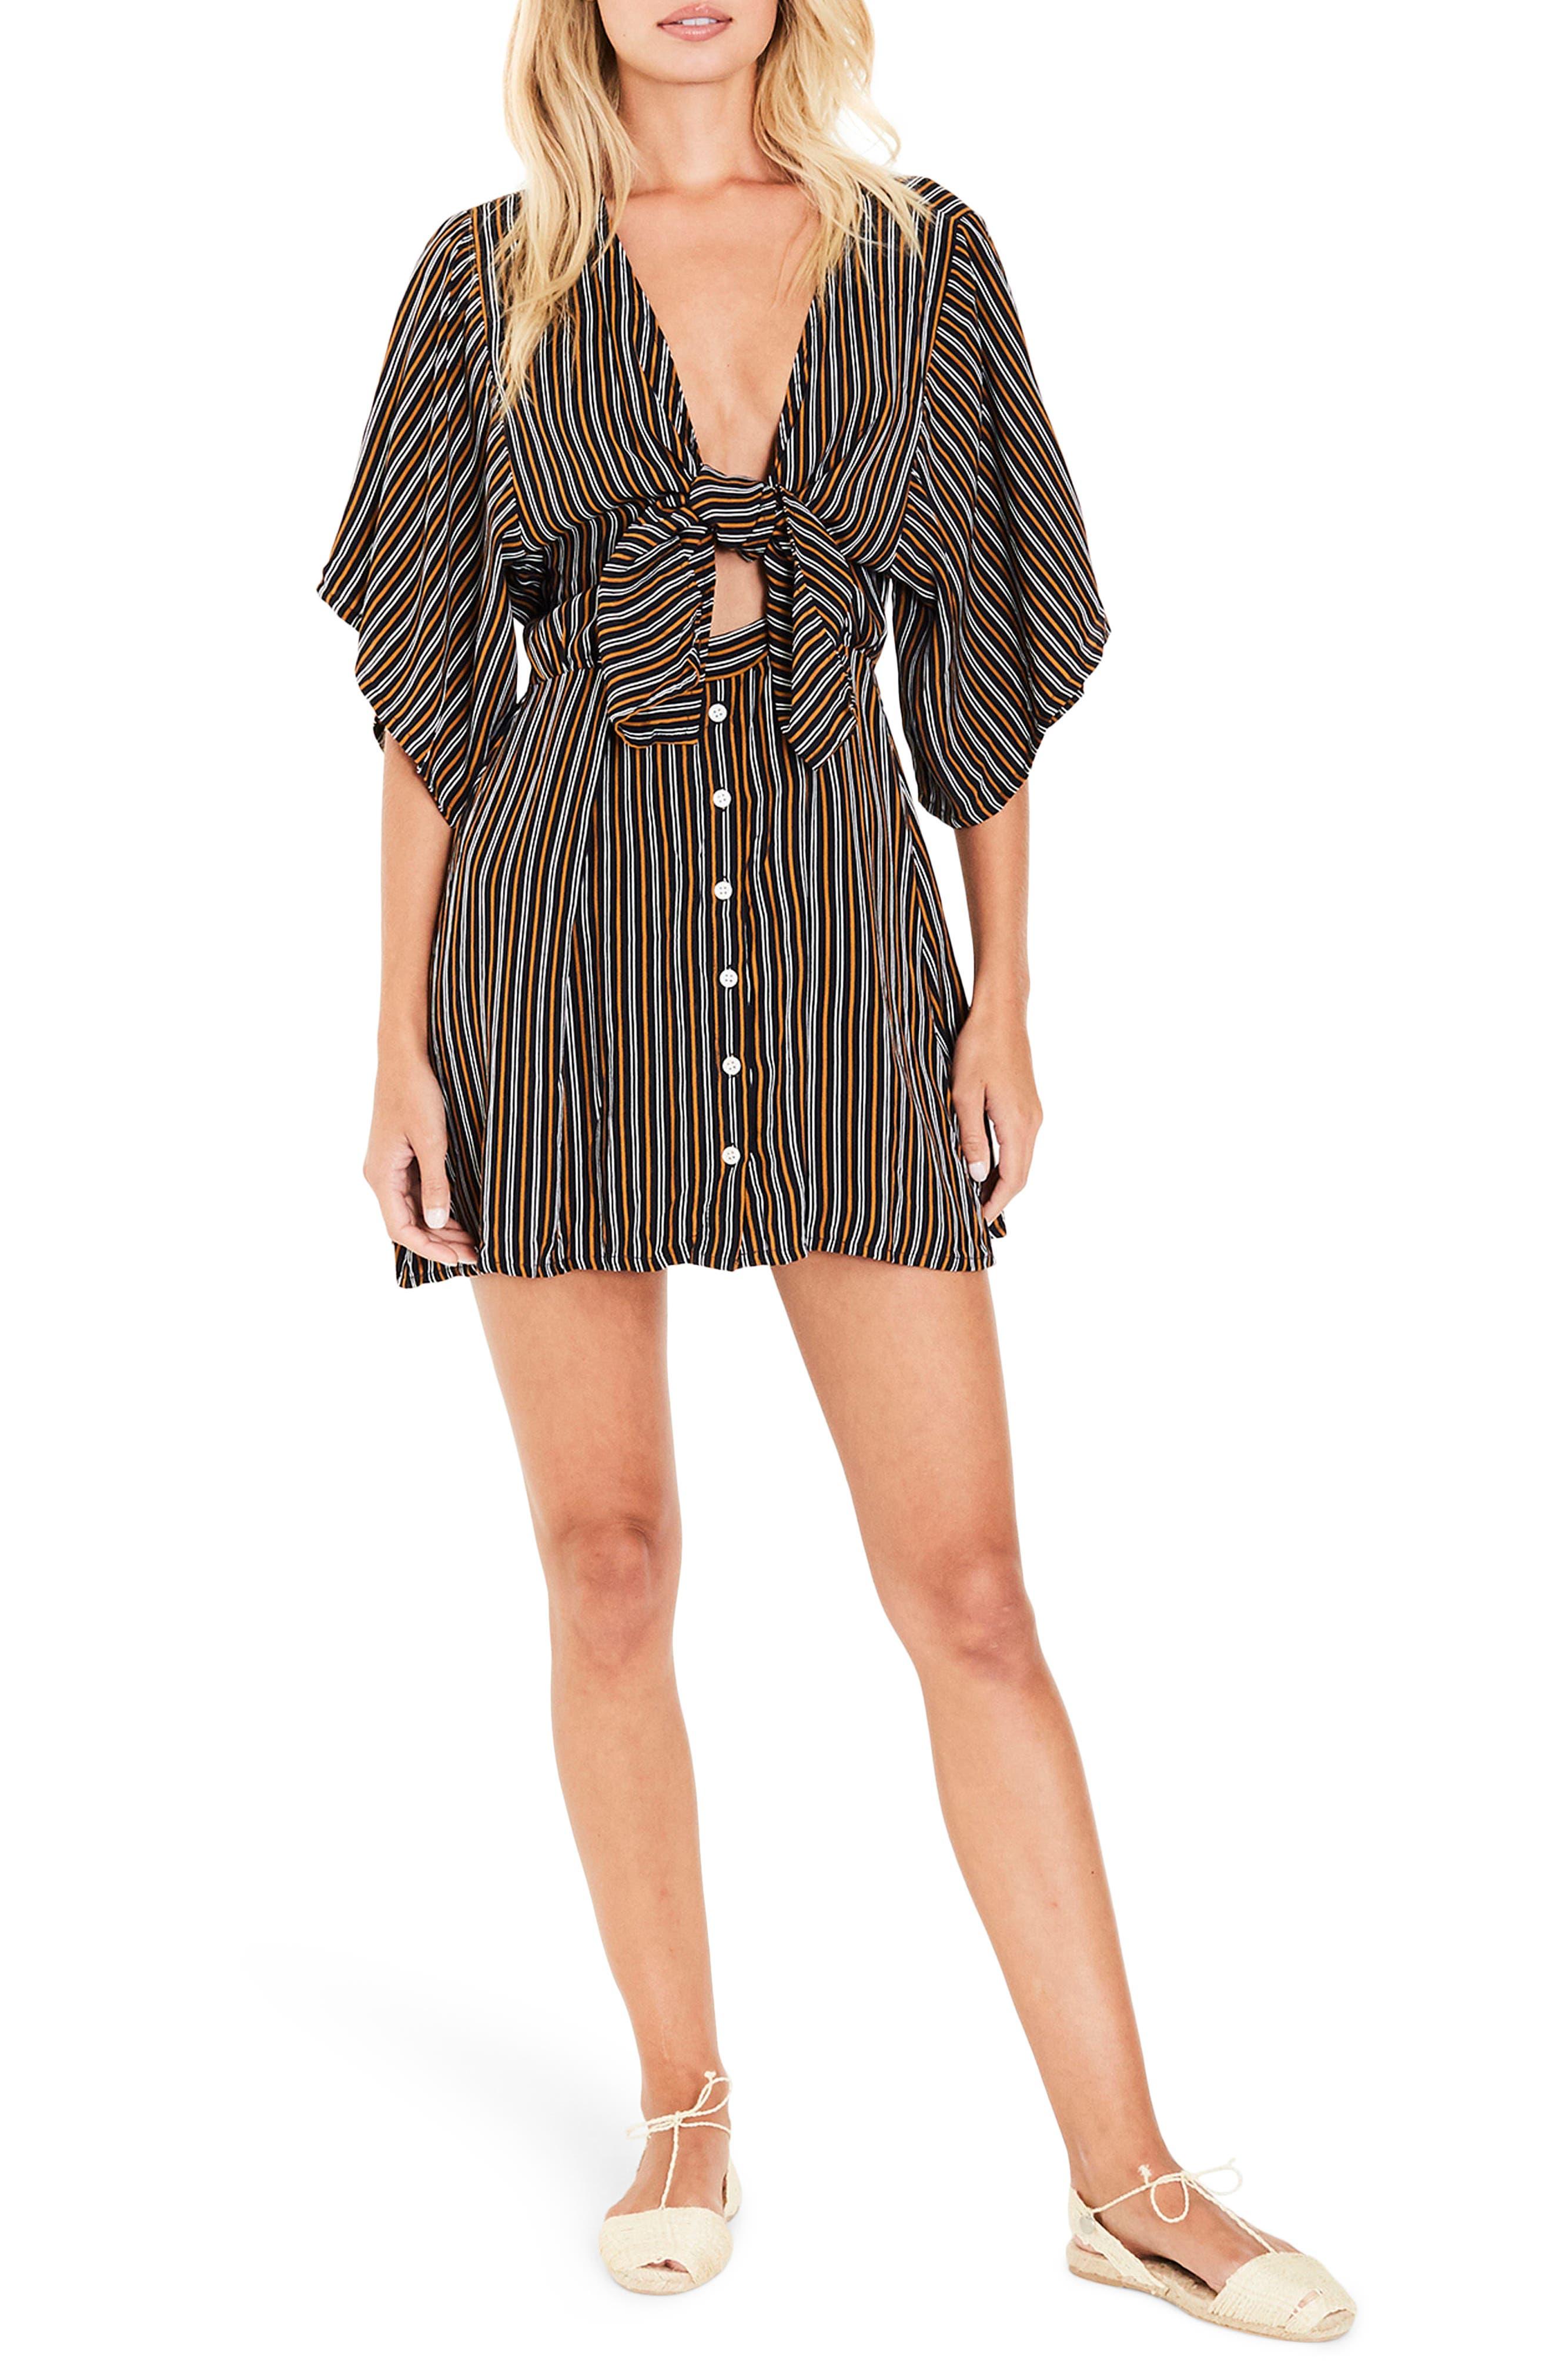 Vinci Stripe Tie Front Dress,                             Main thumbnail 1, color,                             200